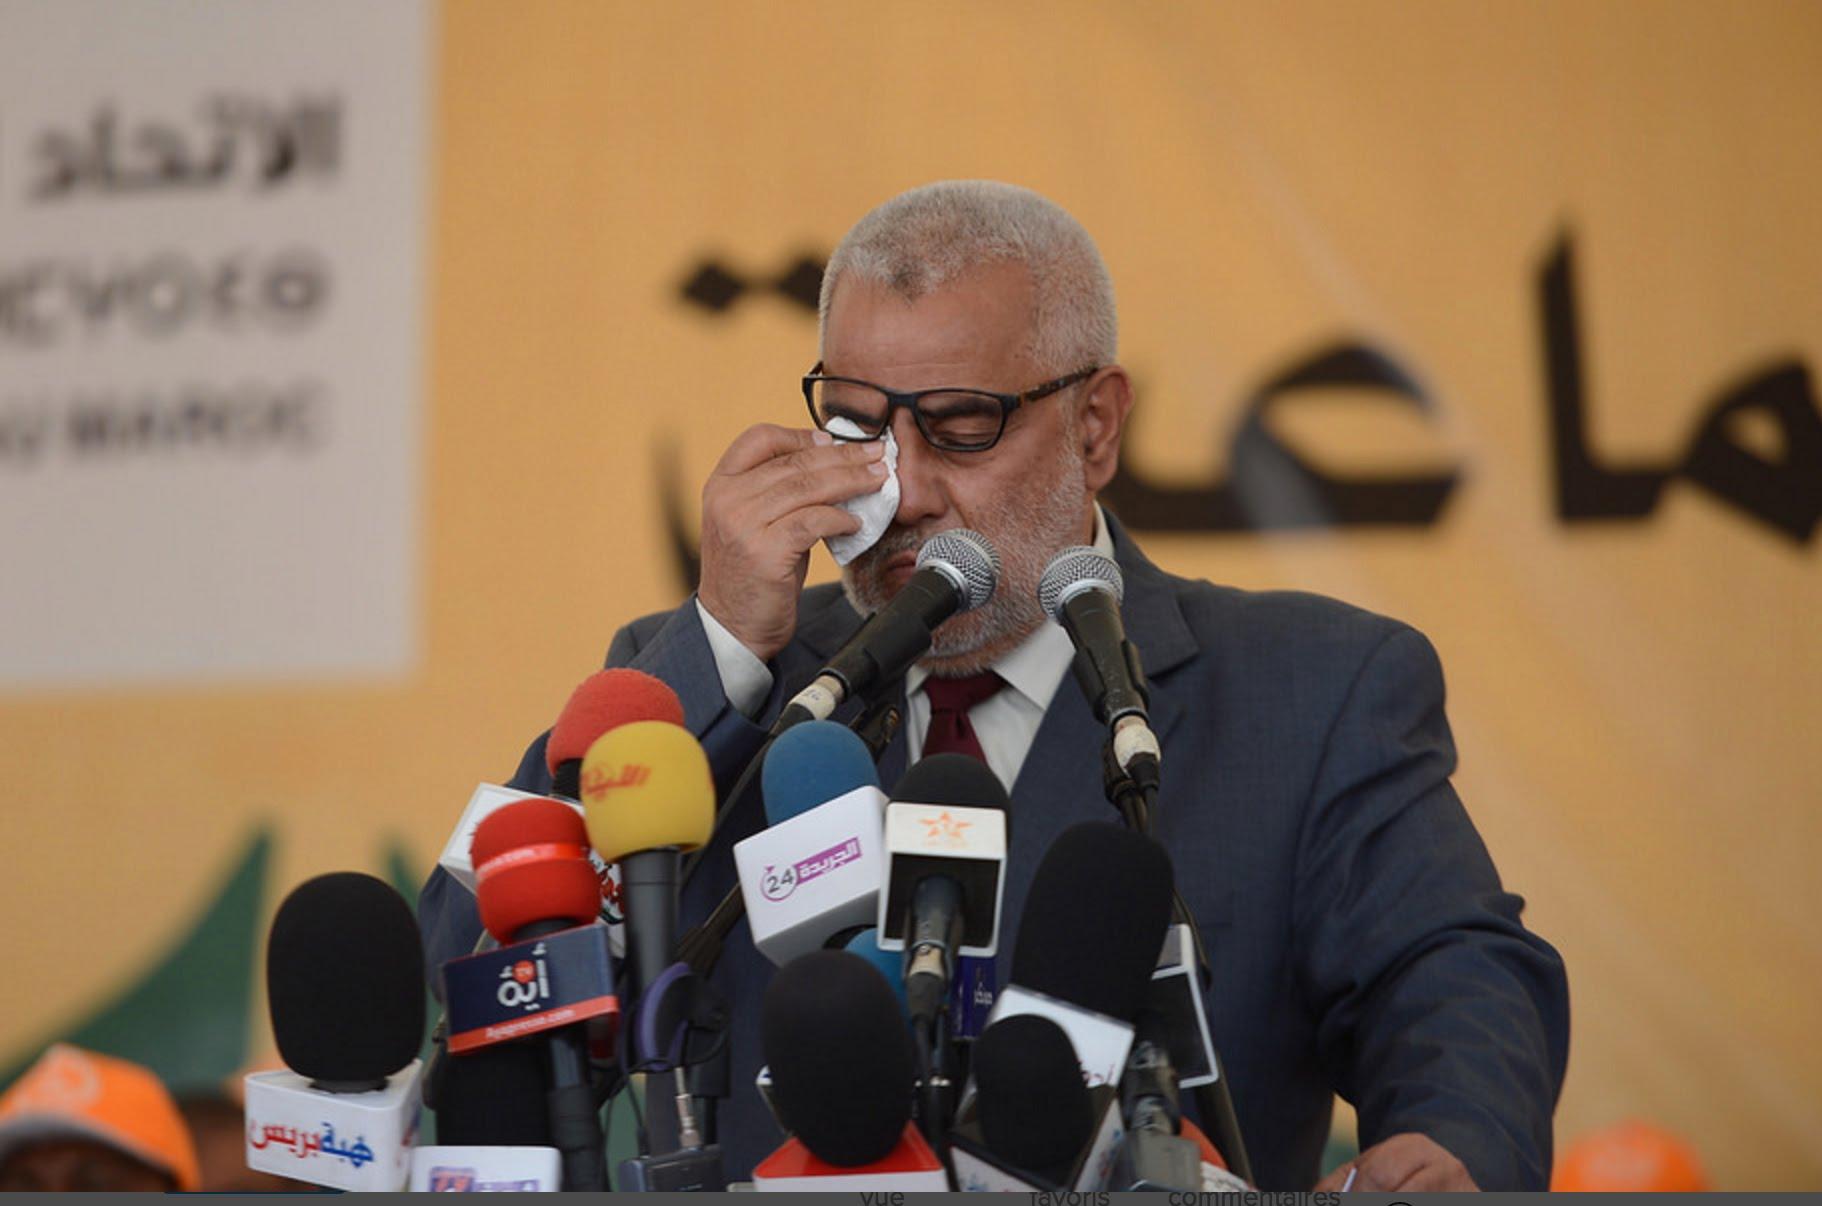 بنكيران: الياس العماري بوعو..يريد الدكتاتورية ورجل المهمات المشبوهة كما وقع في اكديم ازيك